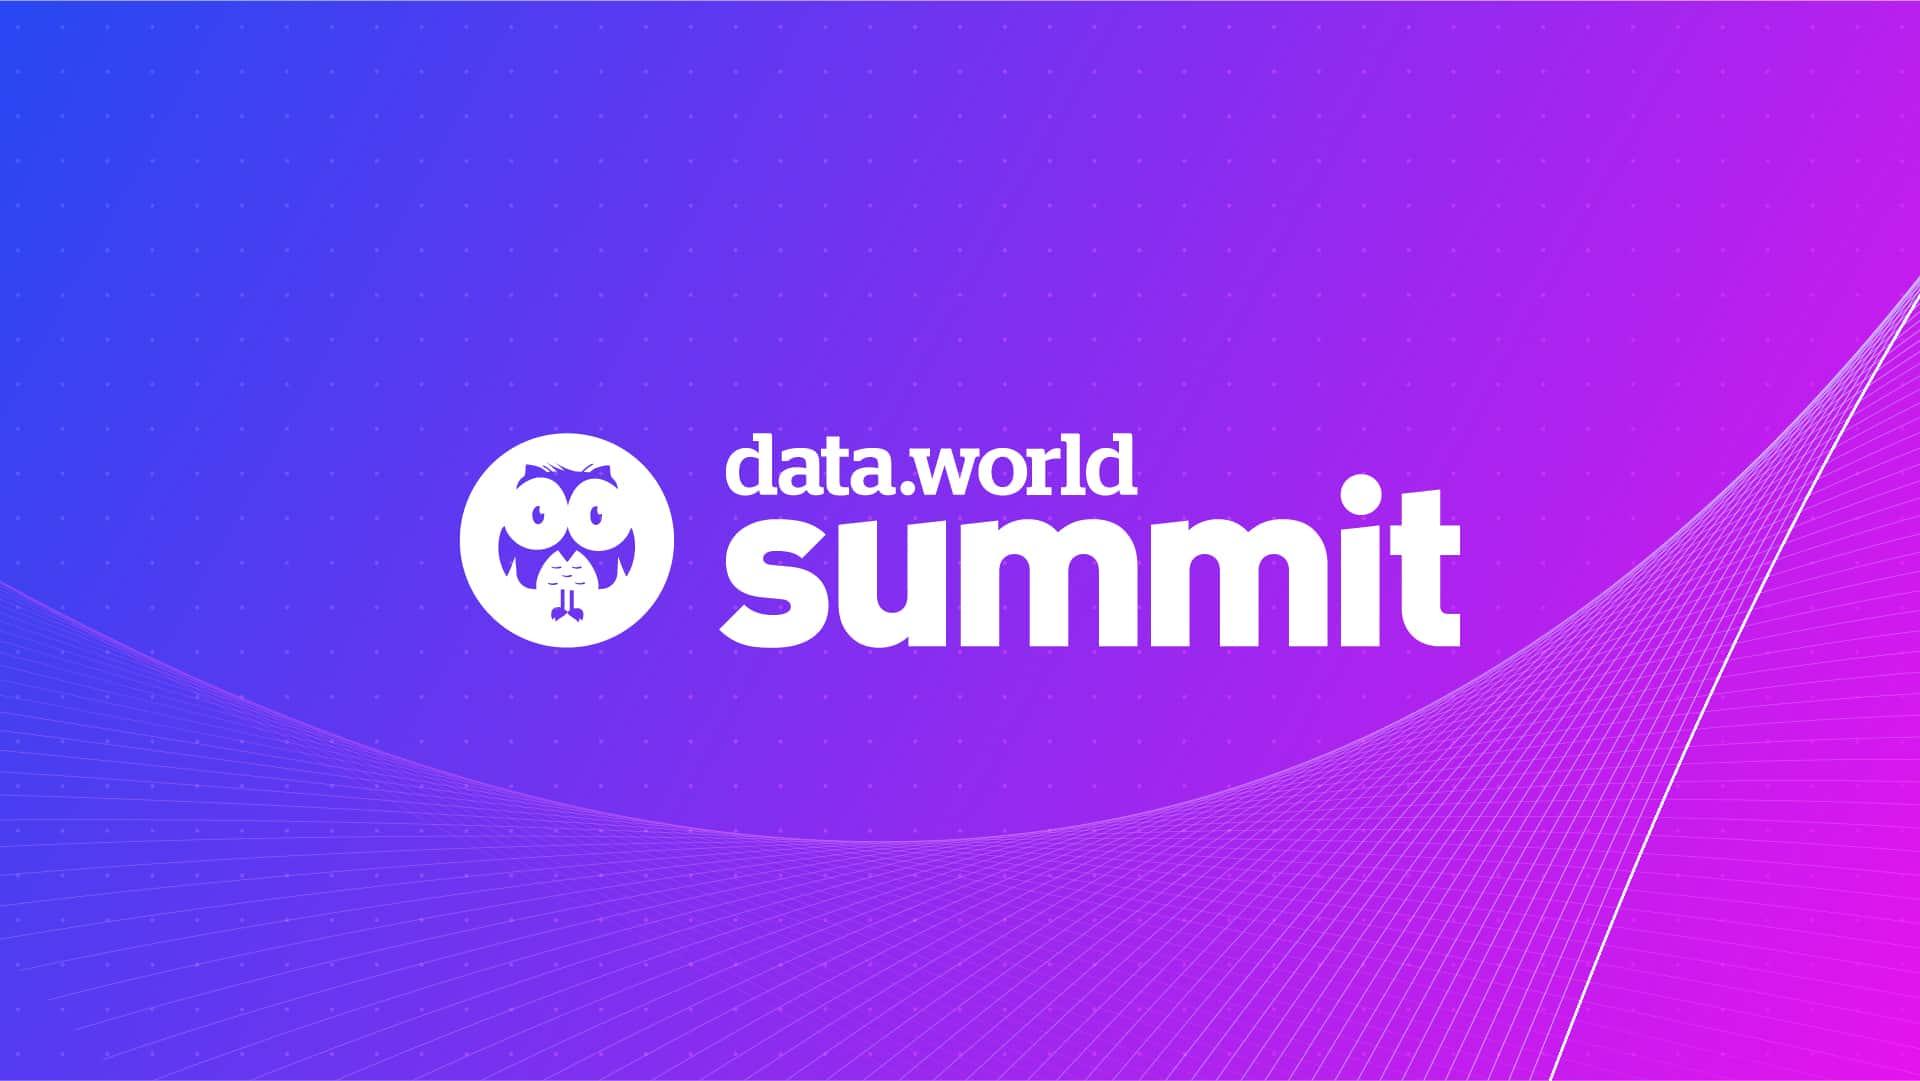 fitosophy-dataworld-summit-background1